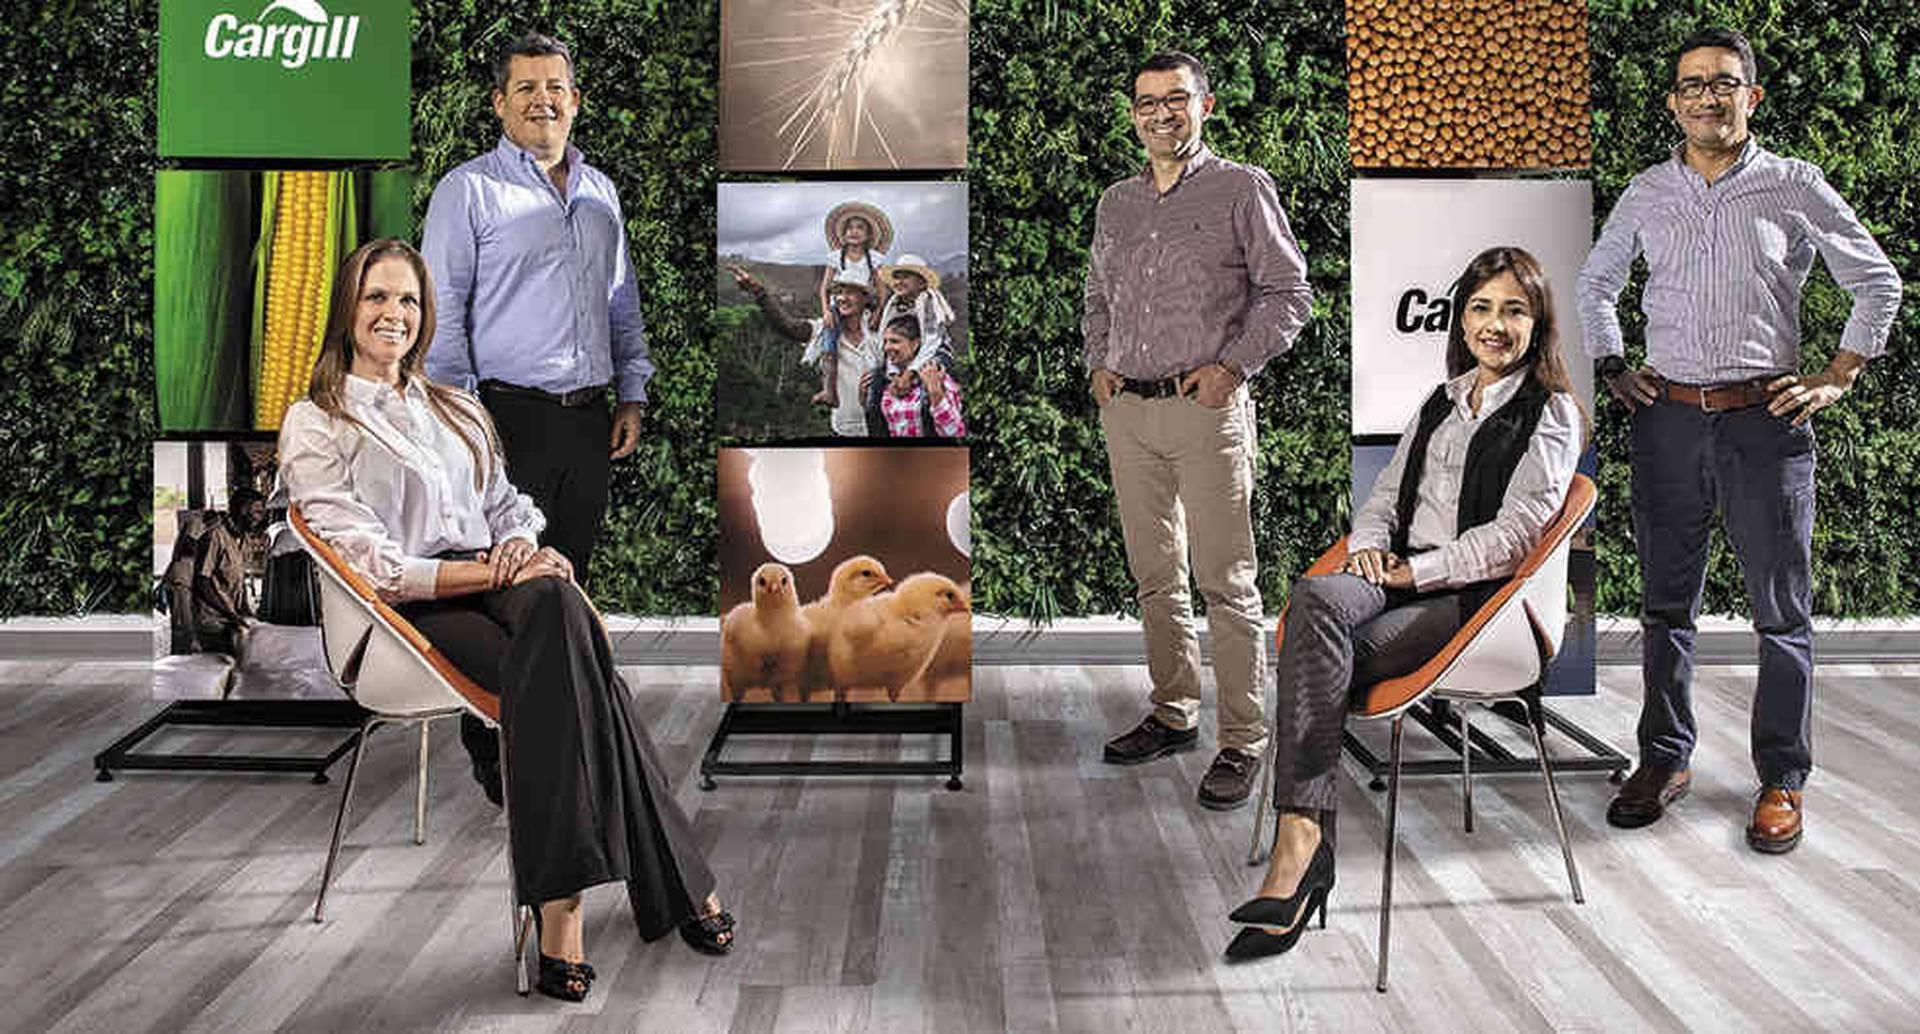 De izquierda a derecha: María Bonilla, abogada comercial sénior; Jorge Iván Duque, gerente general; Miguel Acosta, gerente de Mercadeo; Eliana Currea, líder FP&A; Nelson Maldonado, gerente de la cadena de suministros.